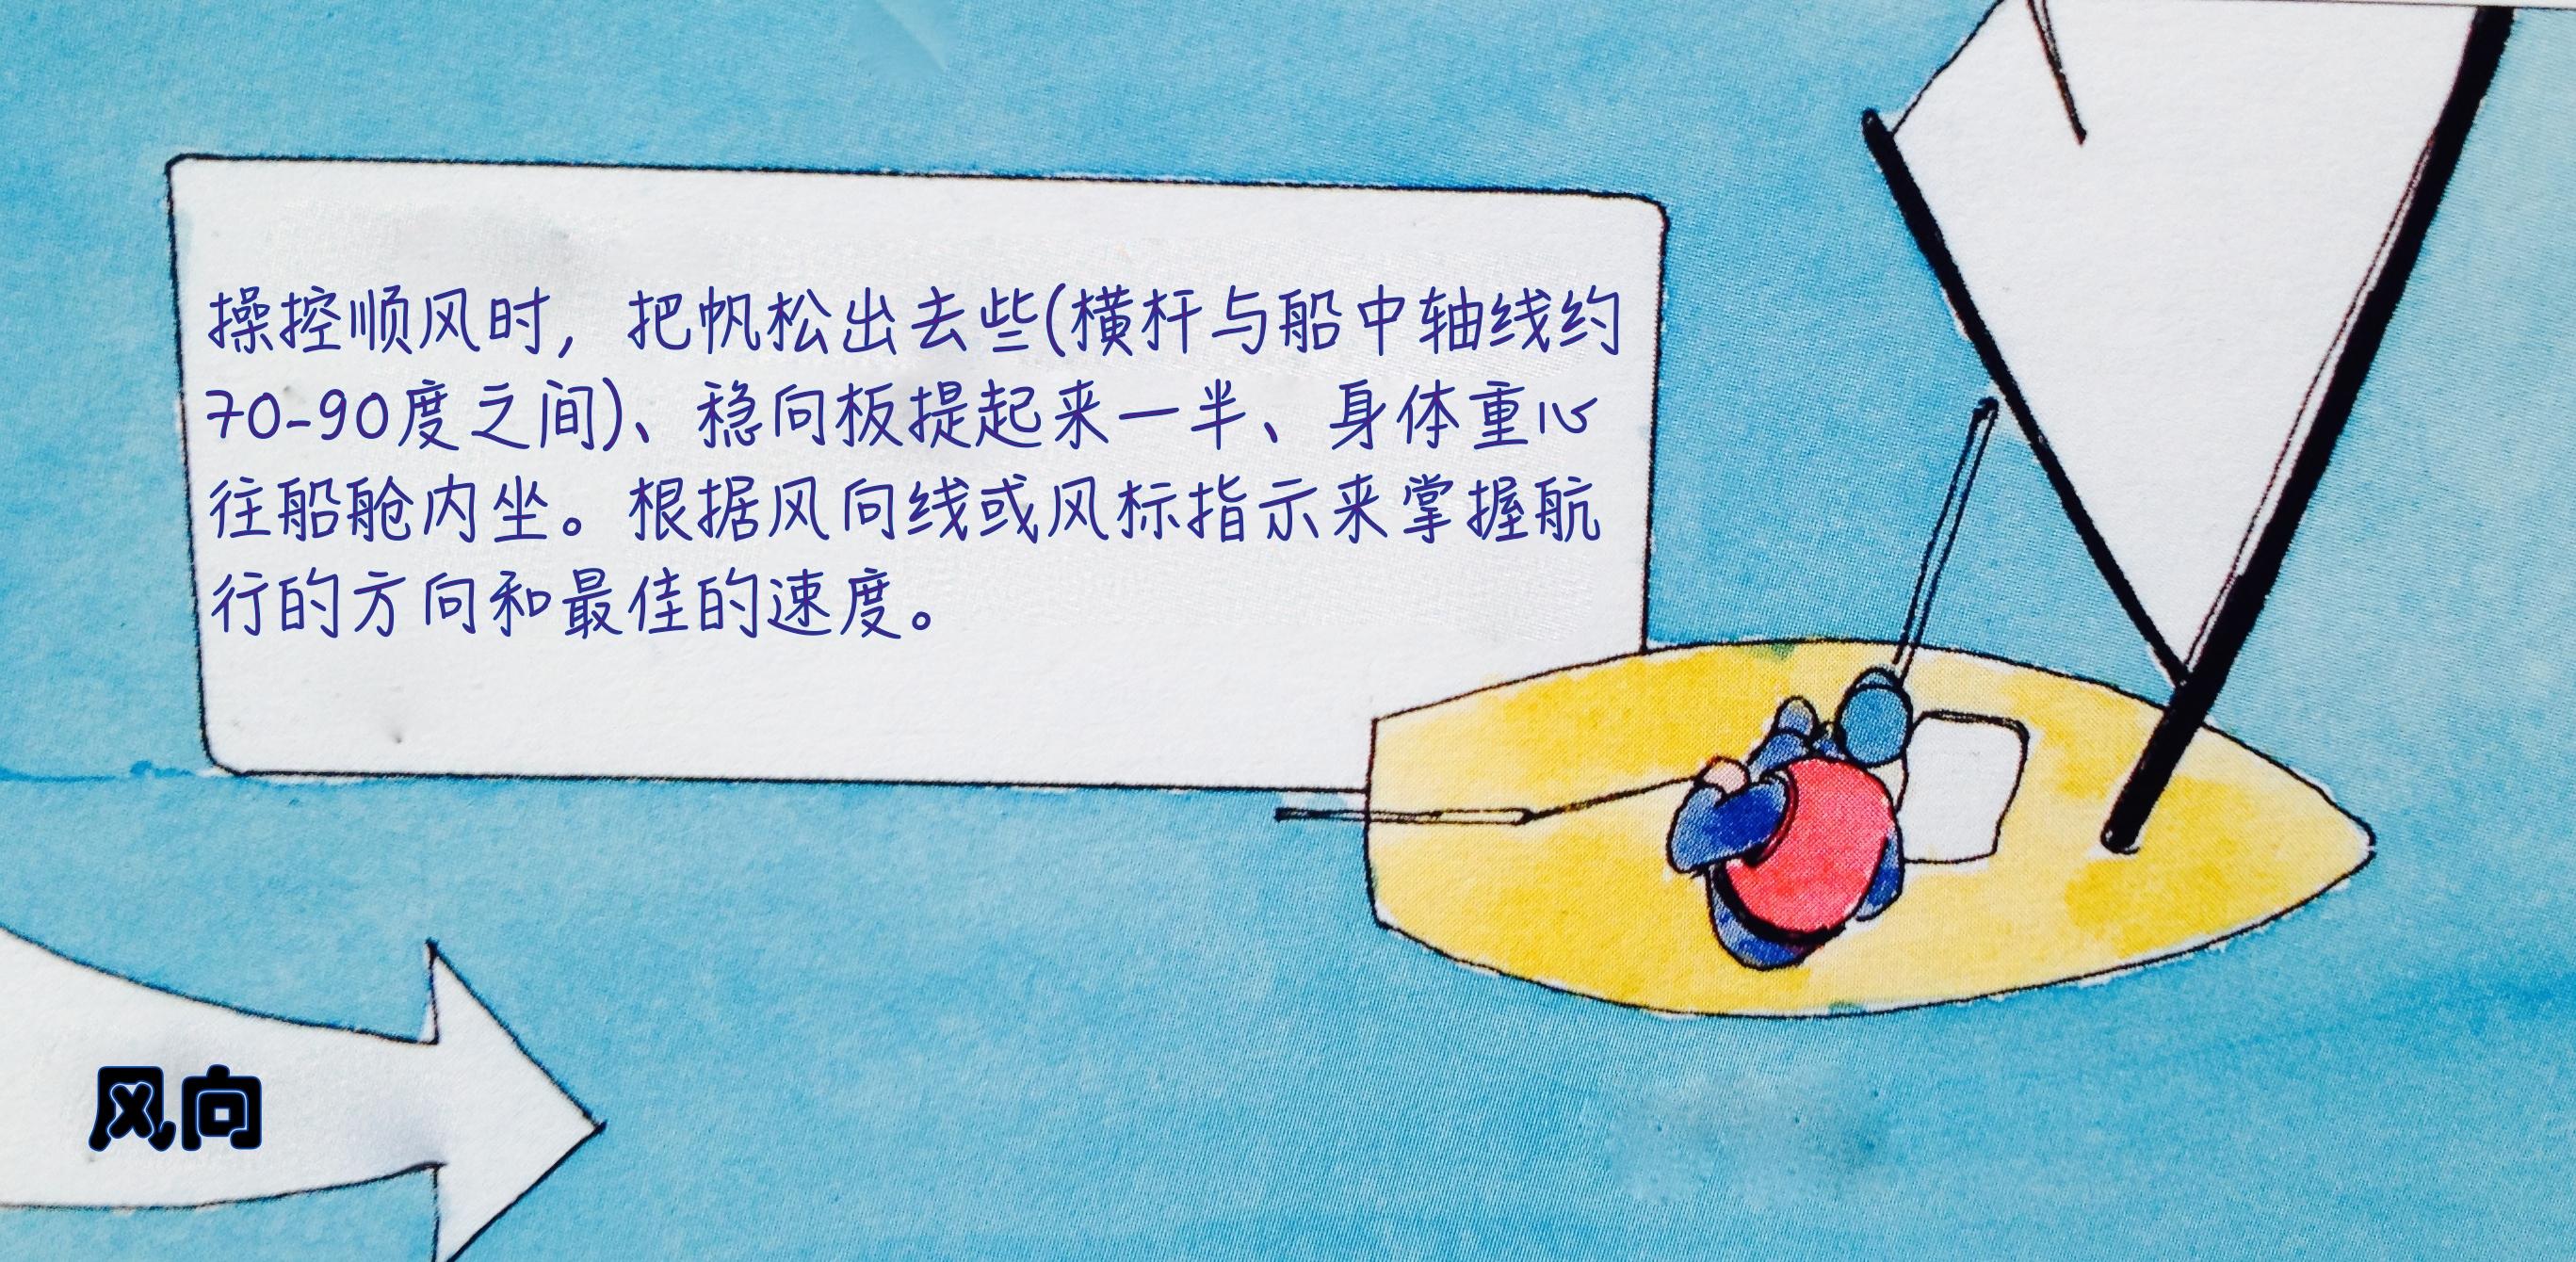 降落伞 顺风航行:原理就跟降落伞一样,风直接吹到帆上推动船只加速前进。 11a顺风.jpg